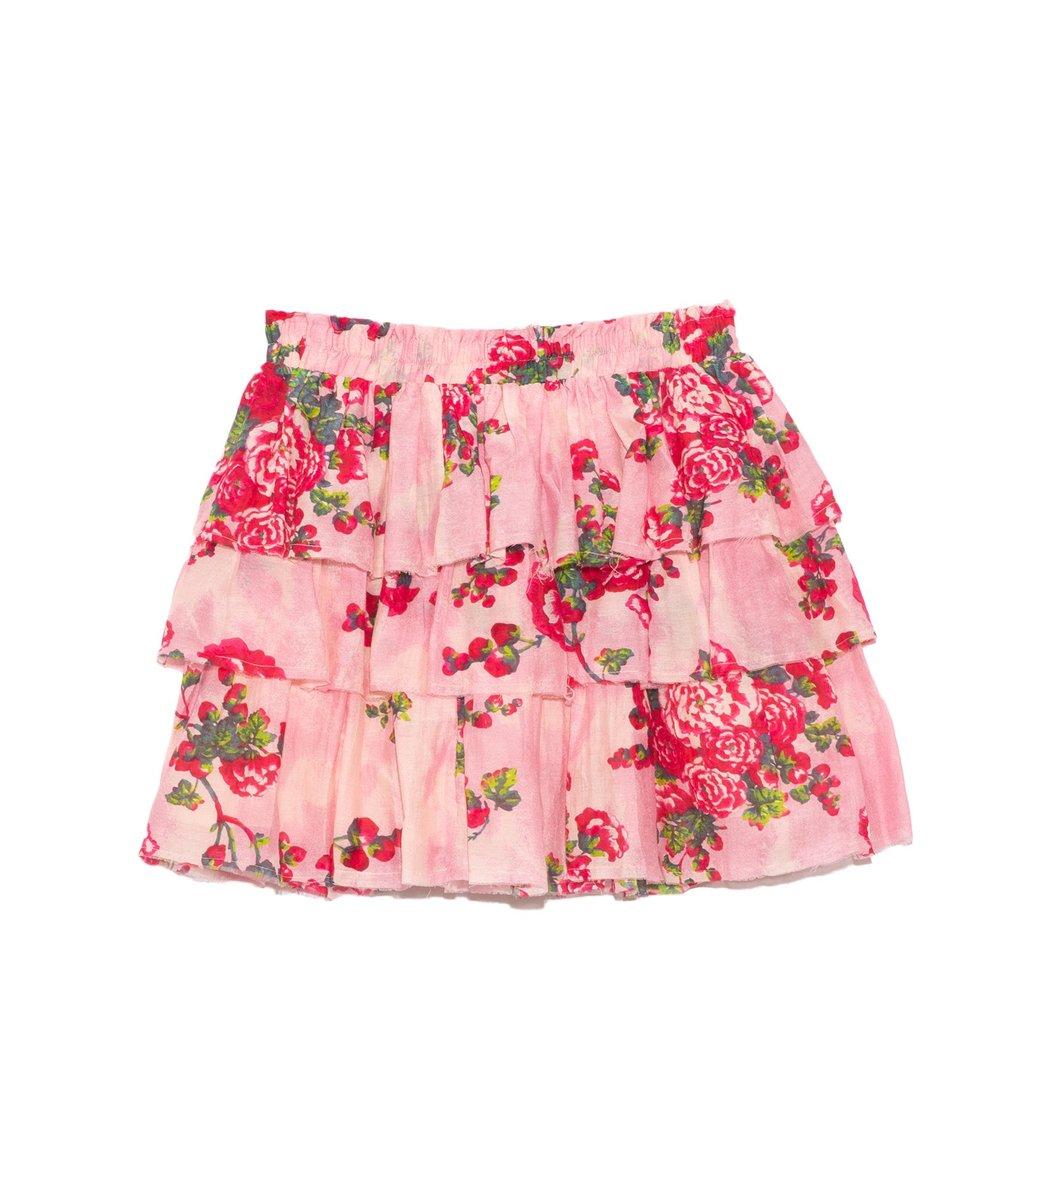 Loveshackfancy Brynlee Skirt in Pink Desert